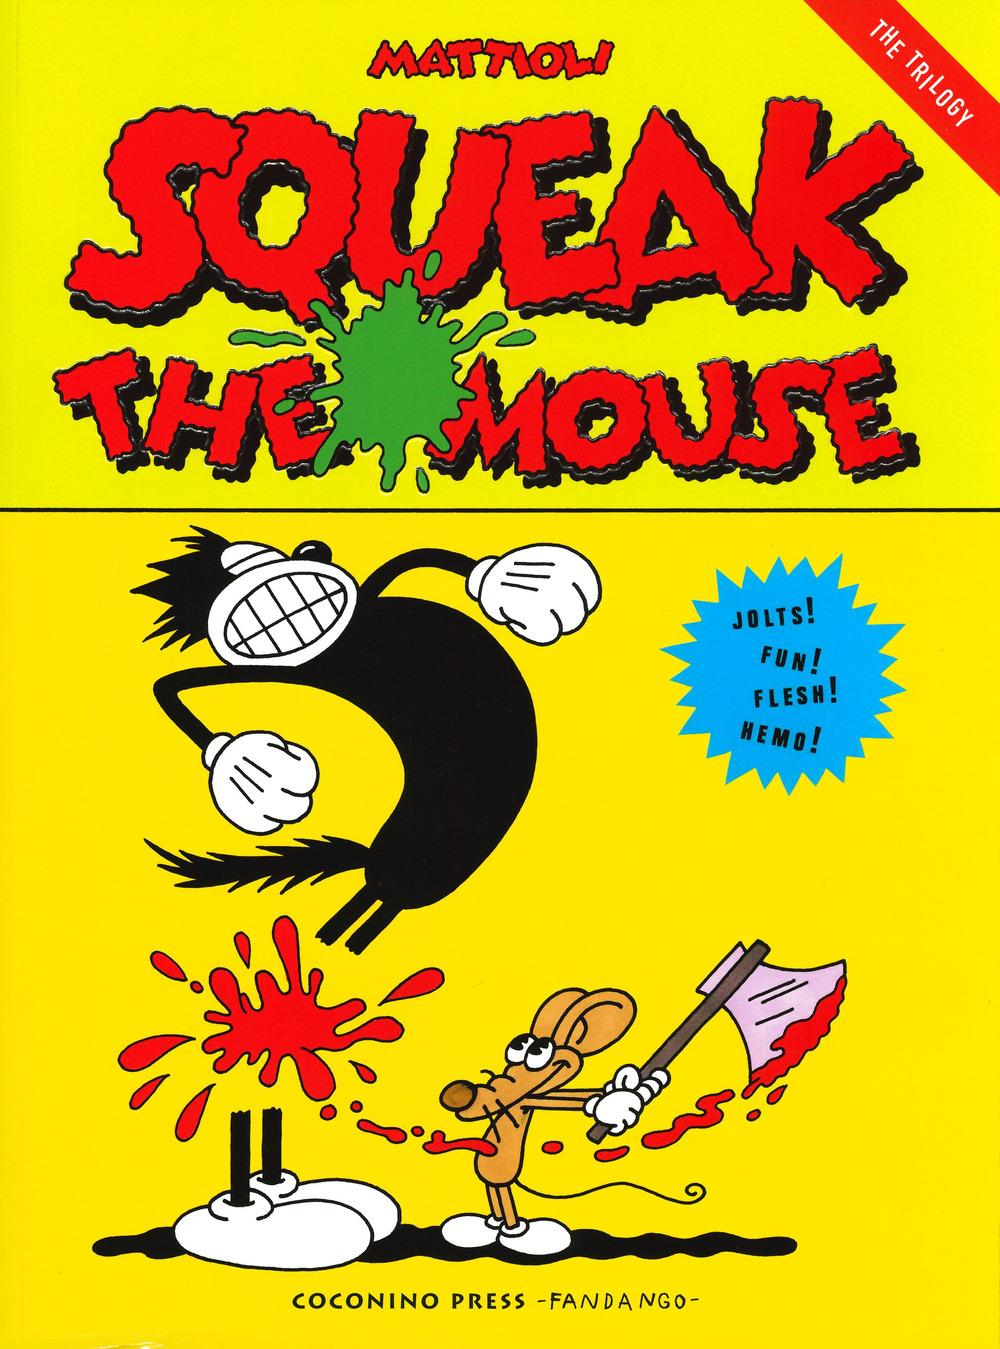 Libri Massimo Mattioli - Squeak The Mouse NUOVO SIGILLATO, EDIZIONE DEL 16/04/2019 SUBITO DISPONIBILE